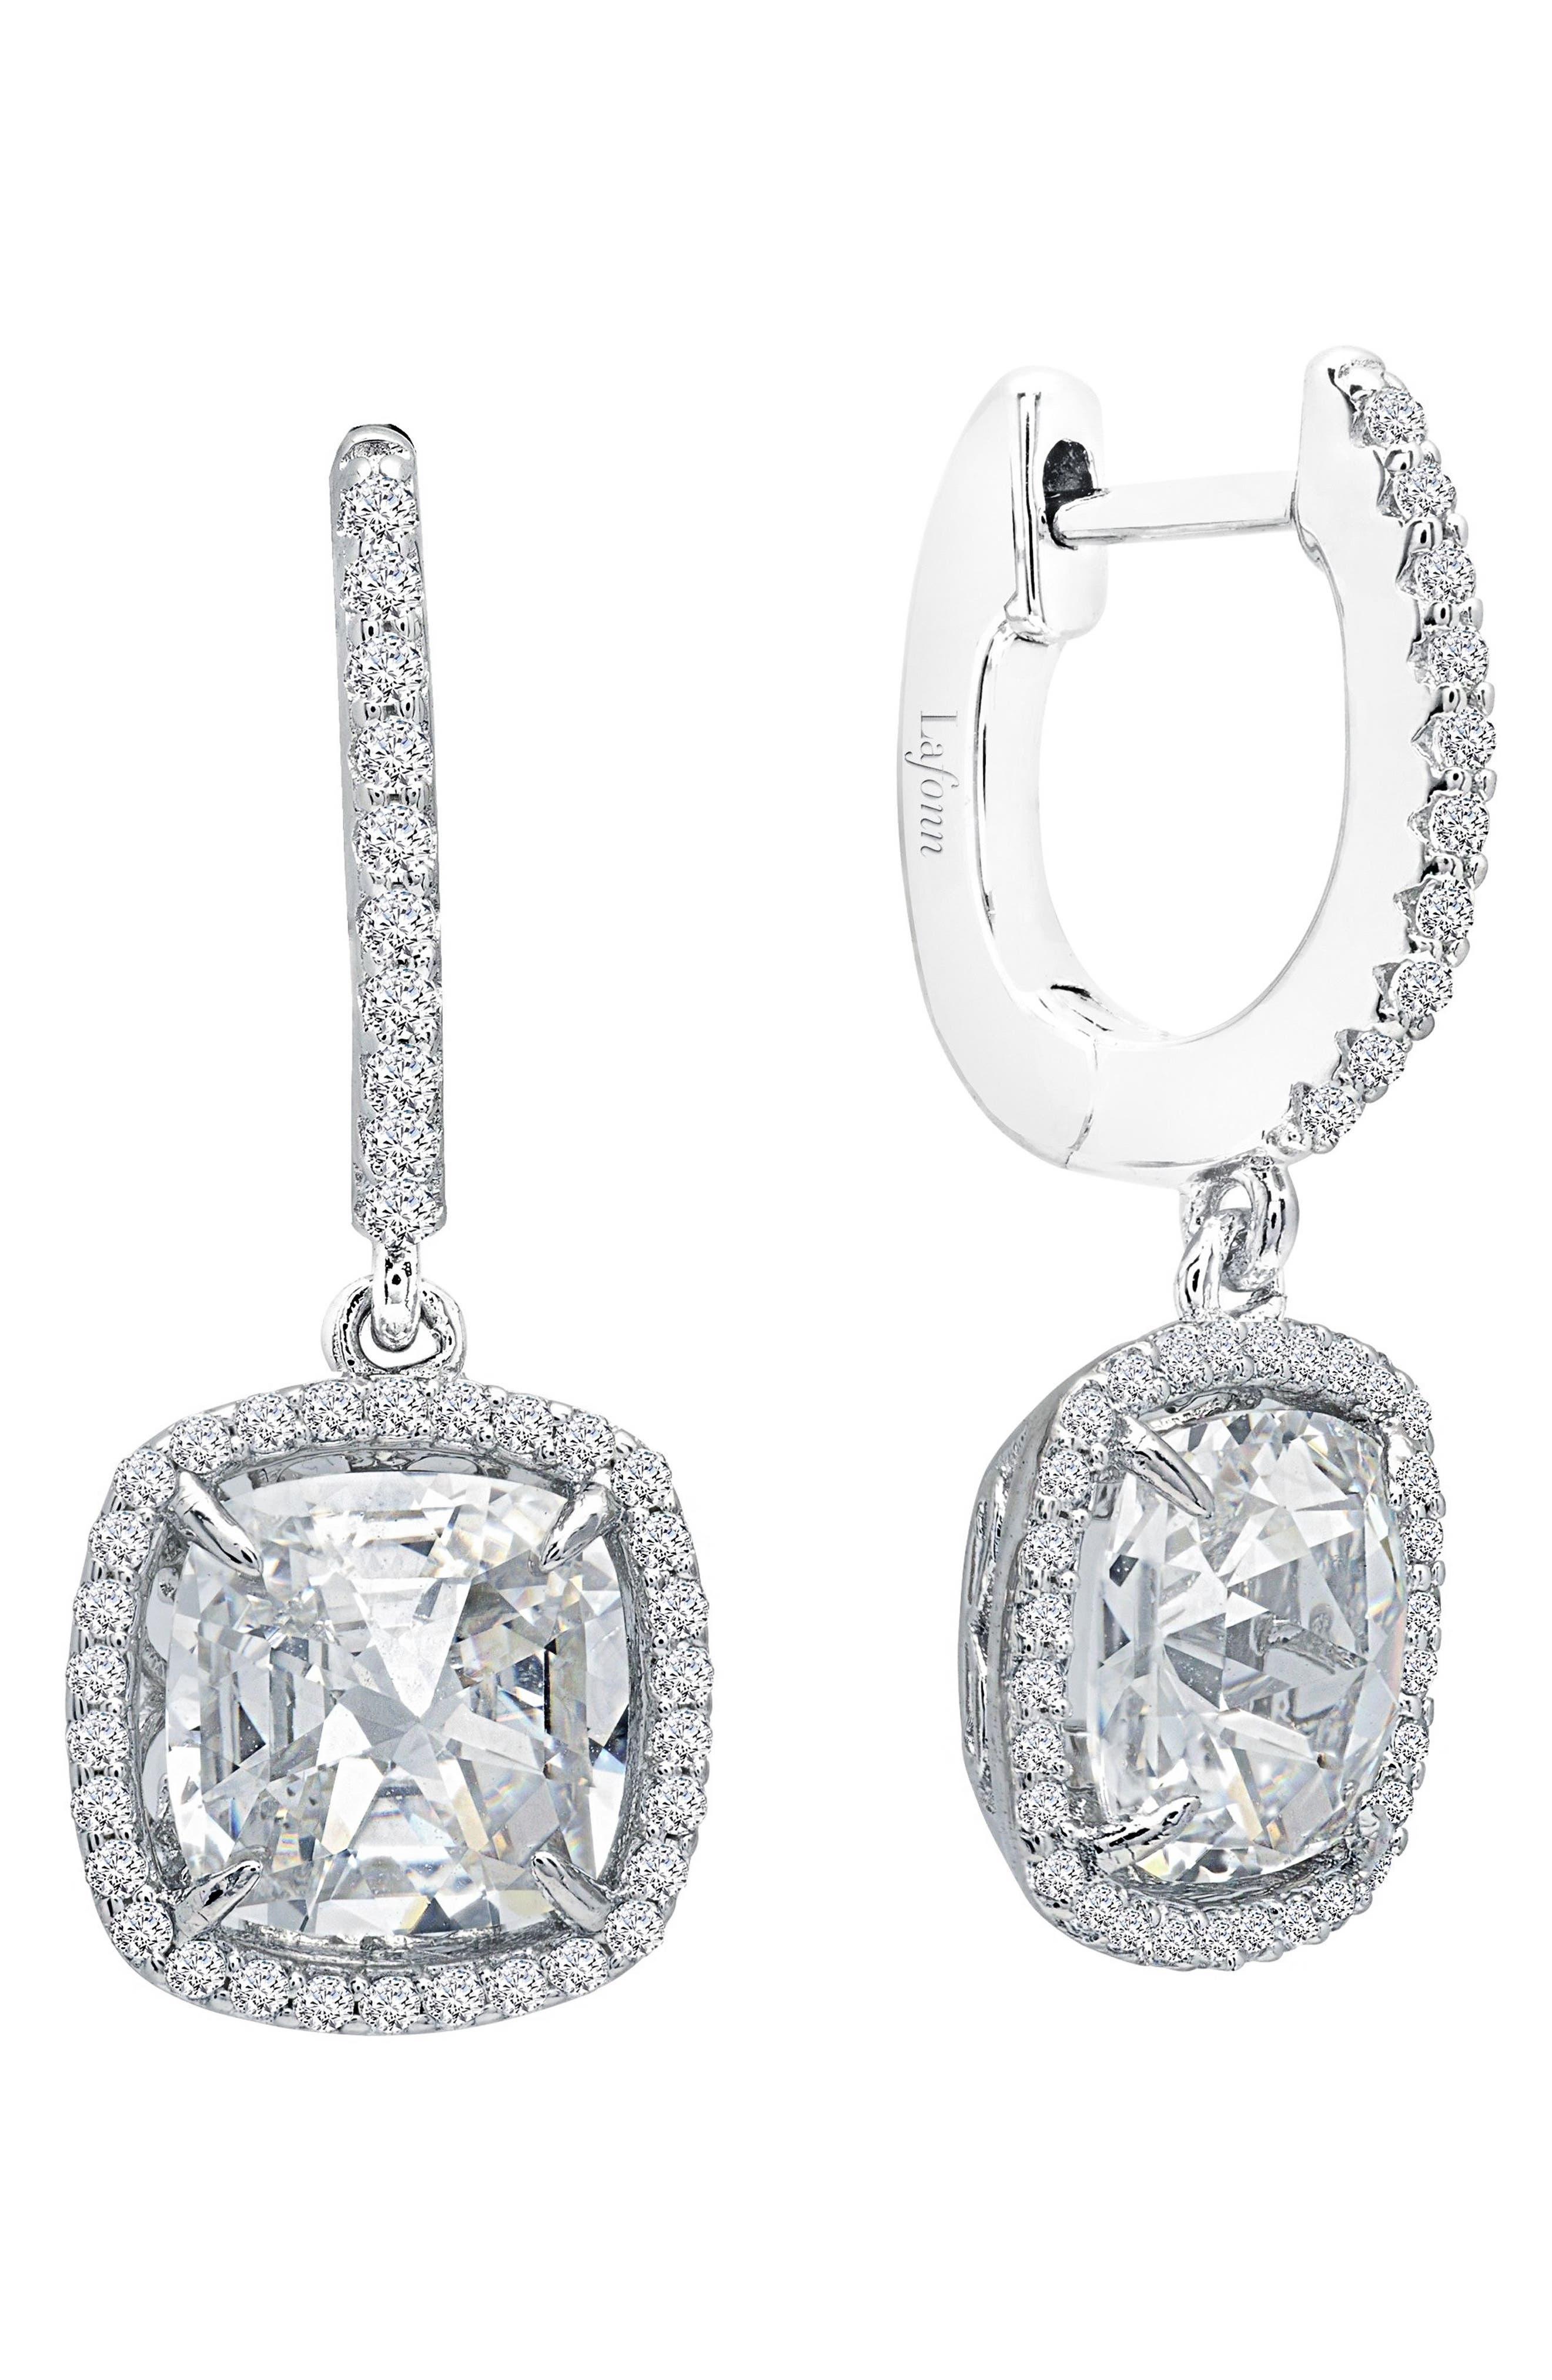 Rose Cut Simulated Diamond Drop Earrings,                             Main thumbnail 1, color,                             040